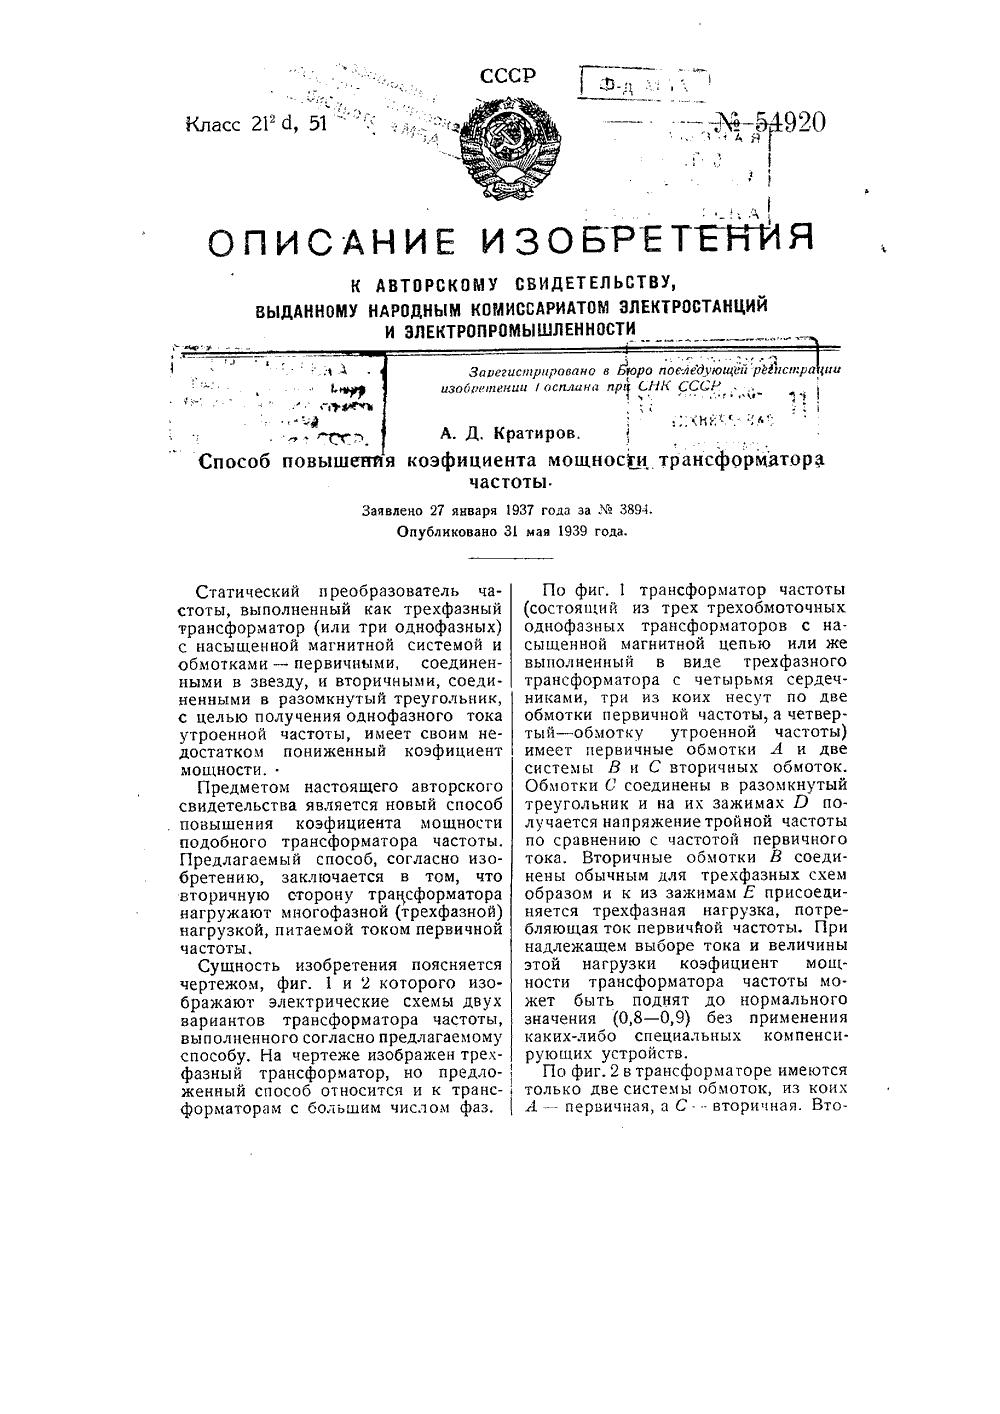 кольцевая схема фазового детектора